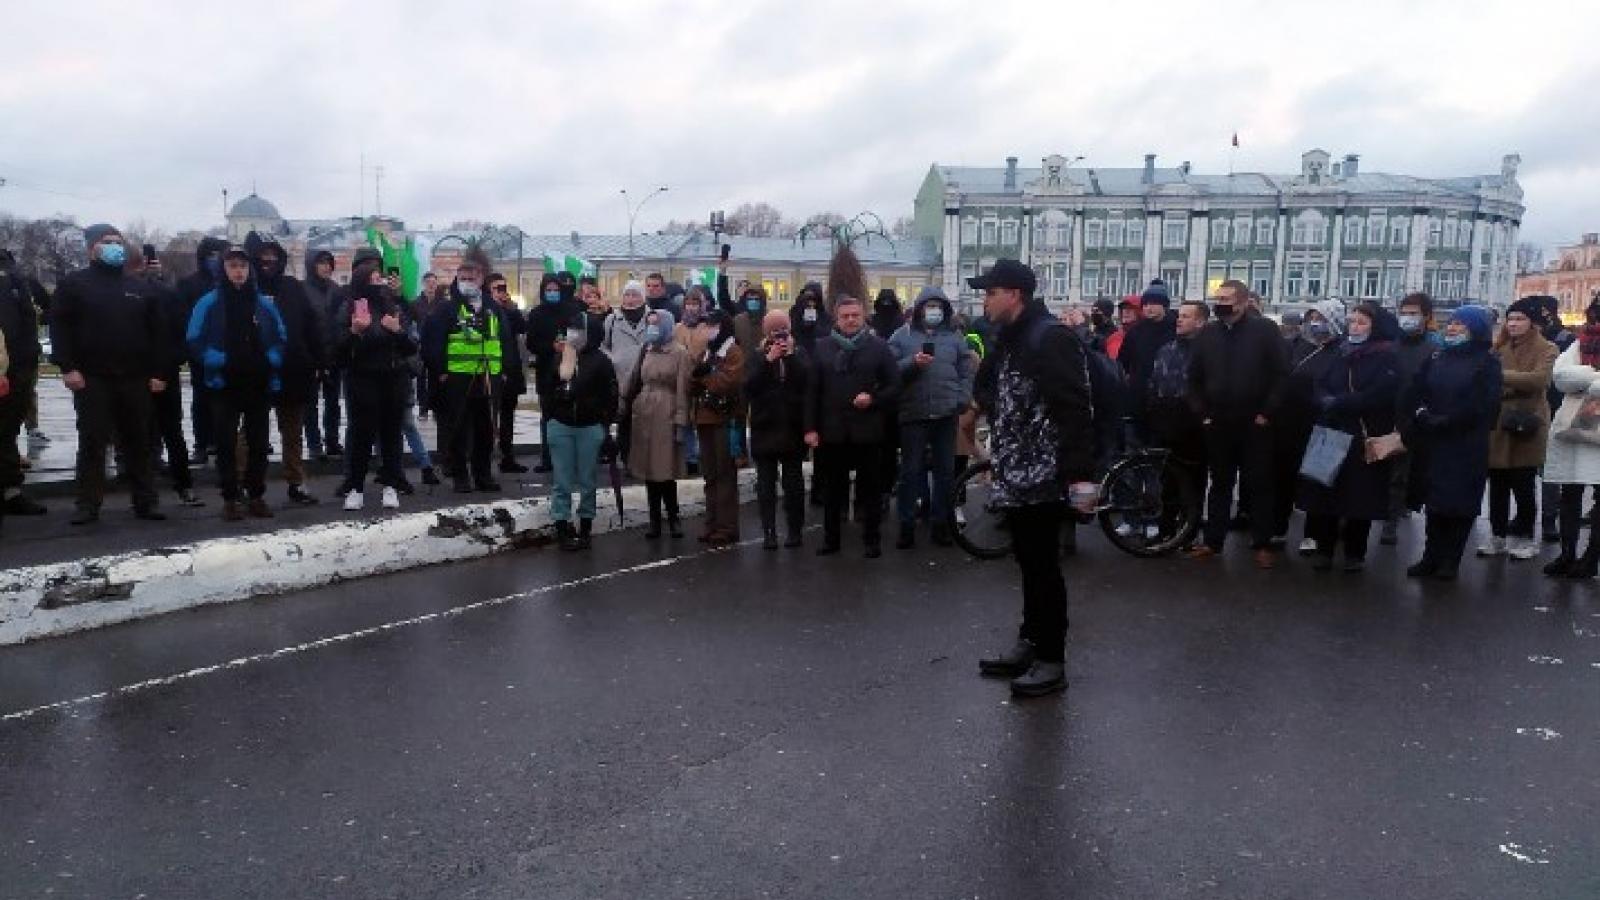 Несогласованный митинг прошёл в Вологде